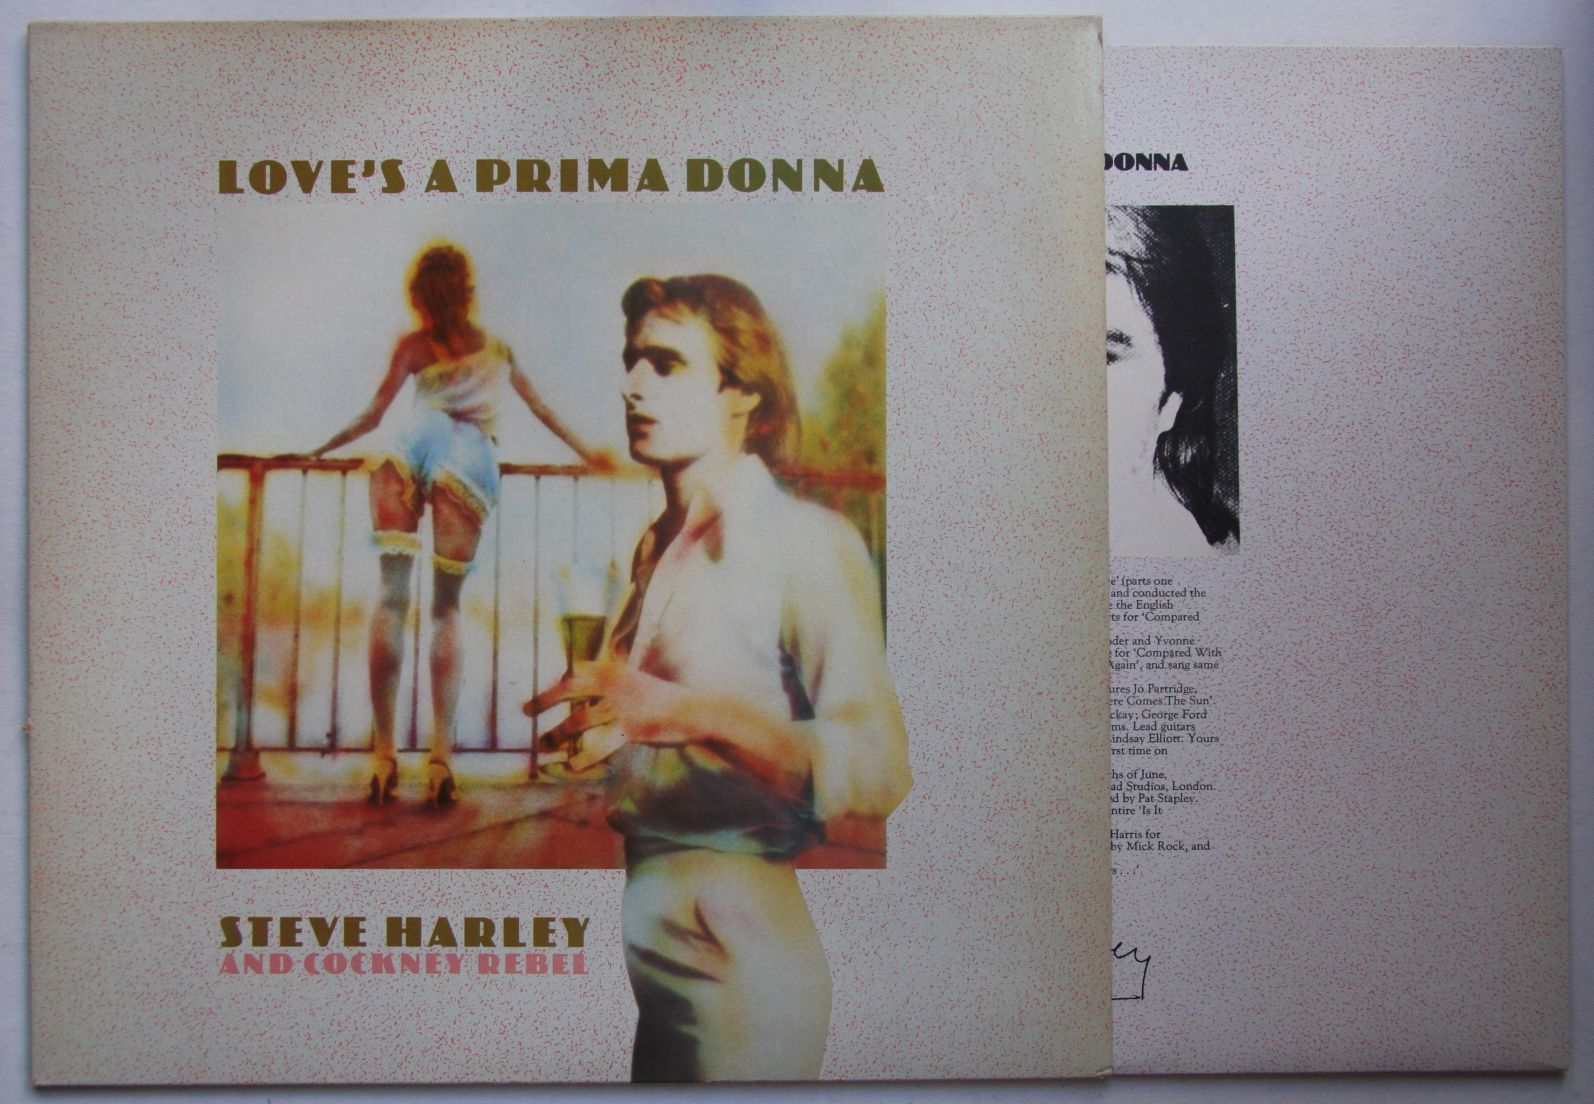 Steve Harley - Love's A Prima Donna Album